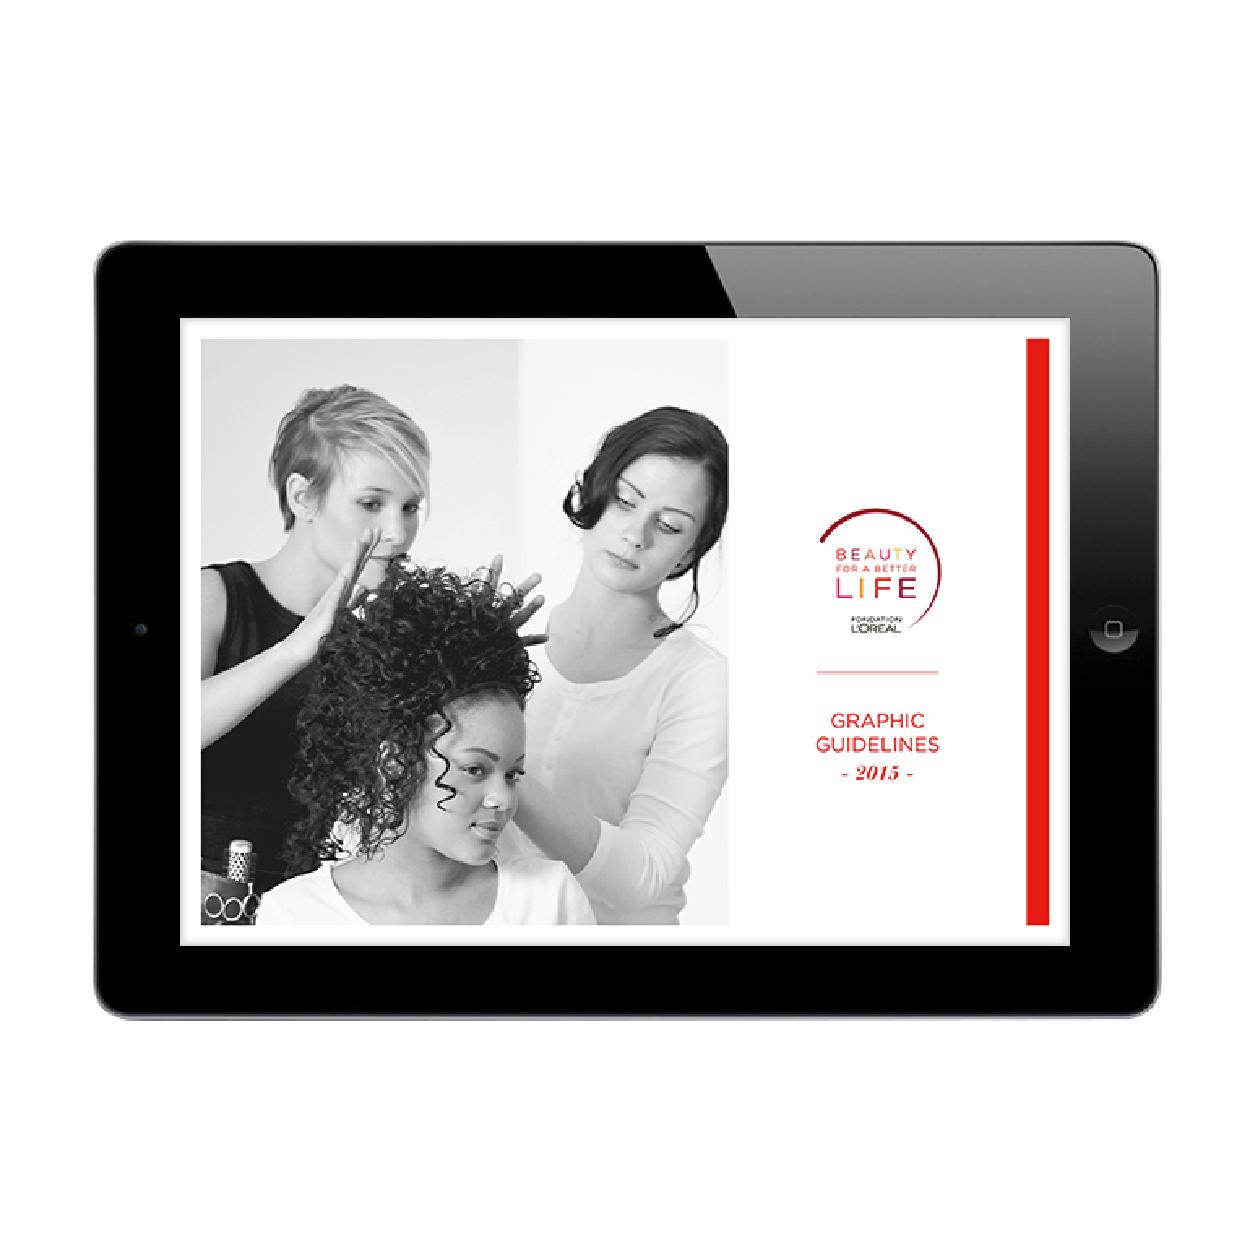 Charte Graphique Beauty For Better Life Fondation L'Oréal 1703 Factory